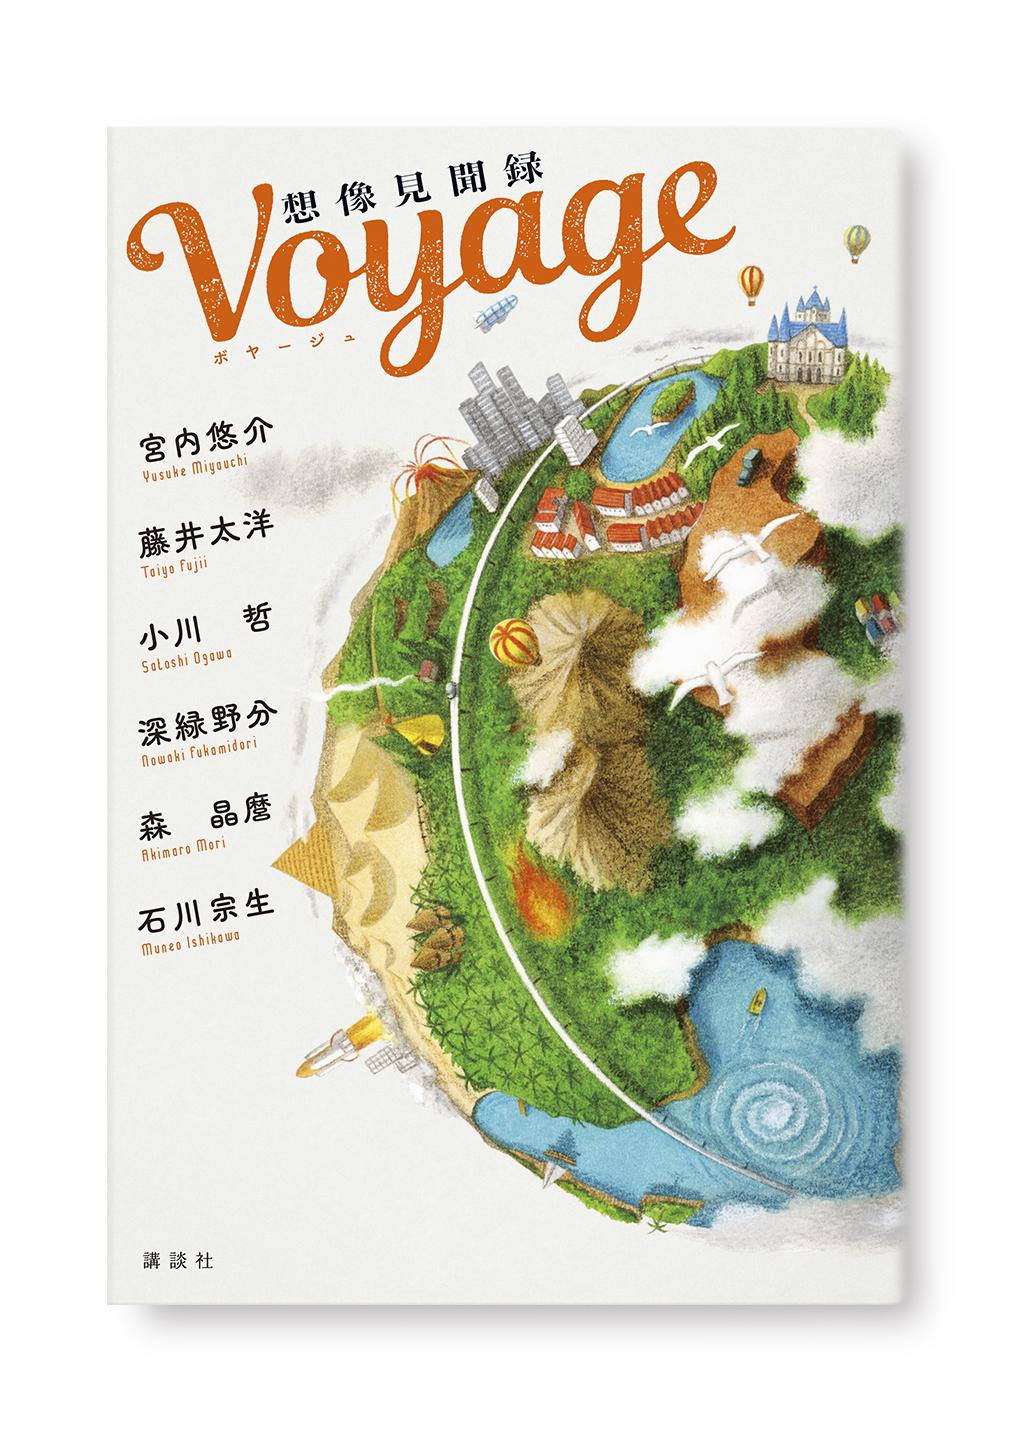 Voyage 想像見聞録